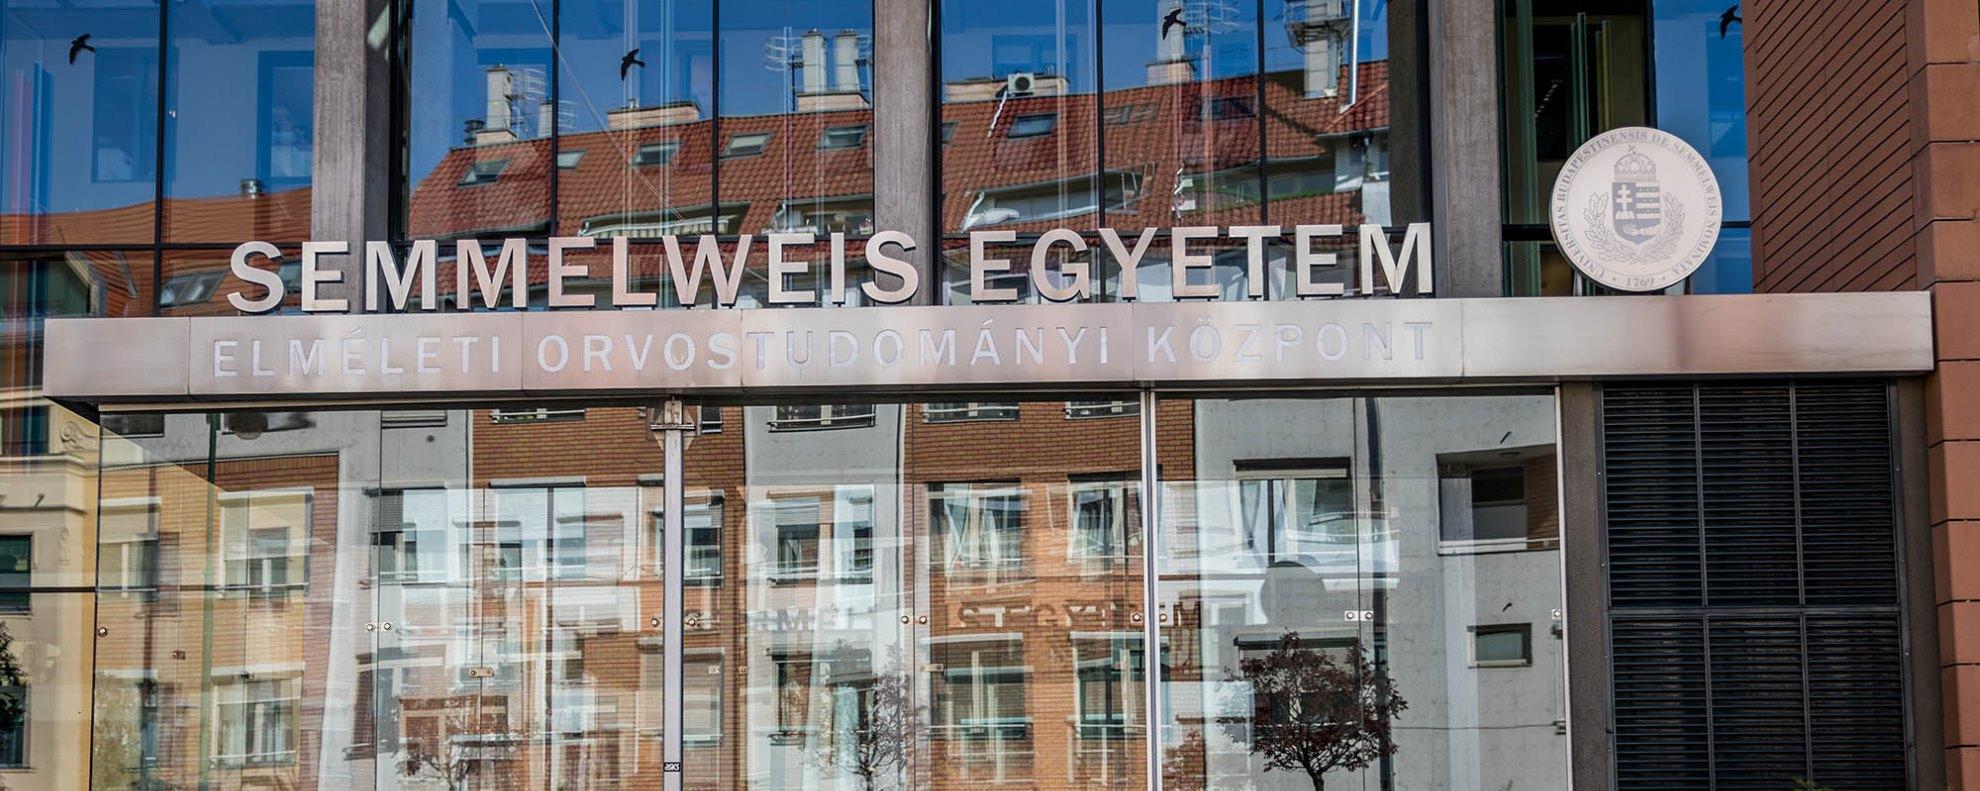 Hét magyar egyetem a feltörekvő országokat vizsgáló rangsorban